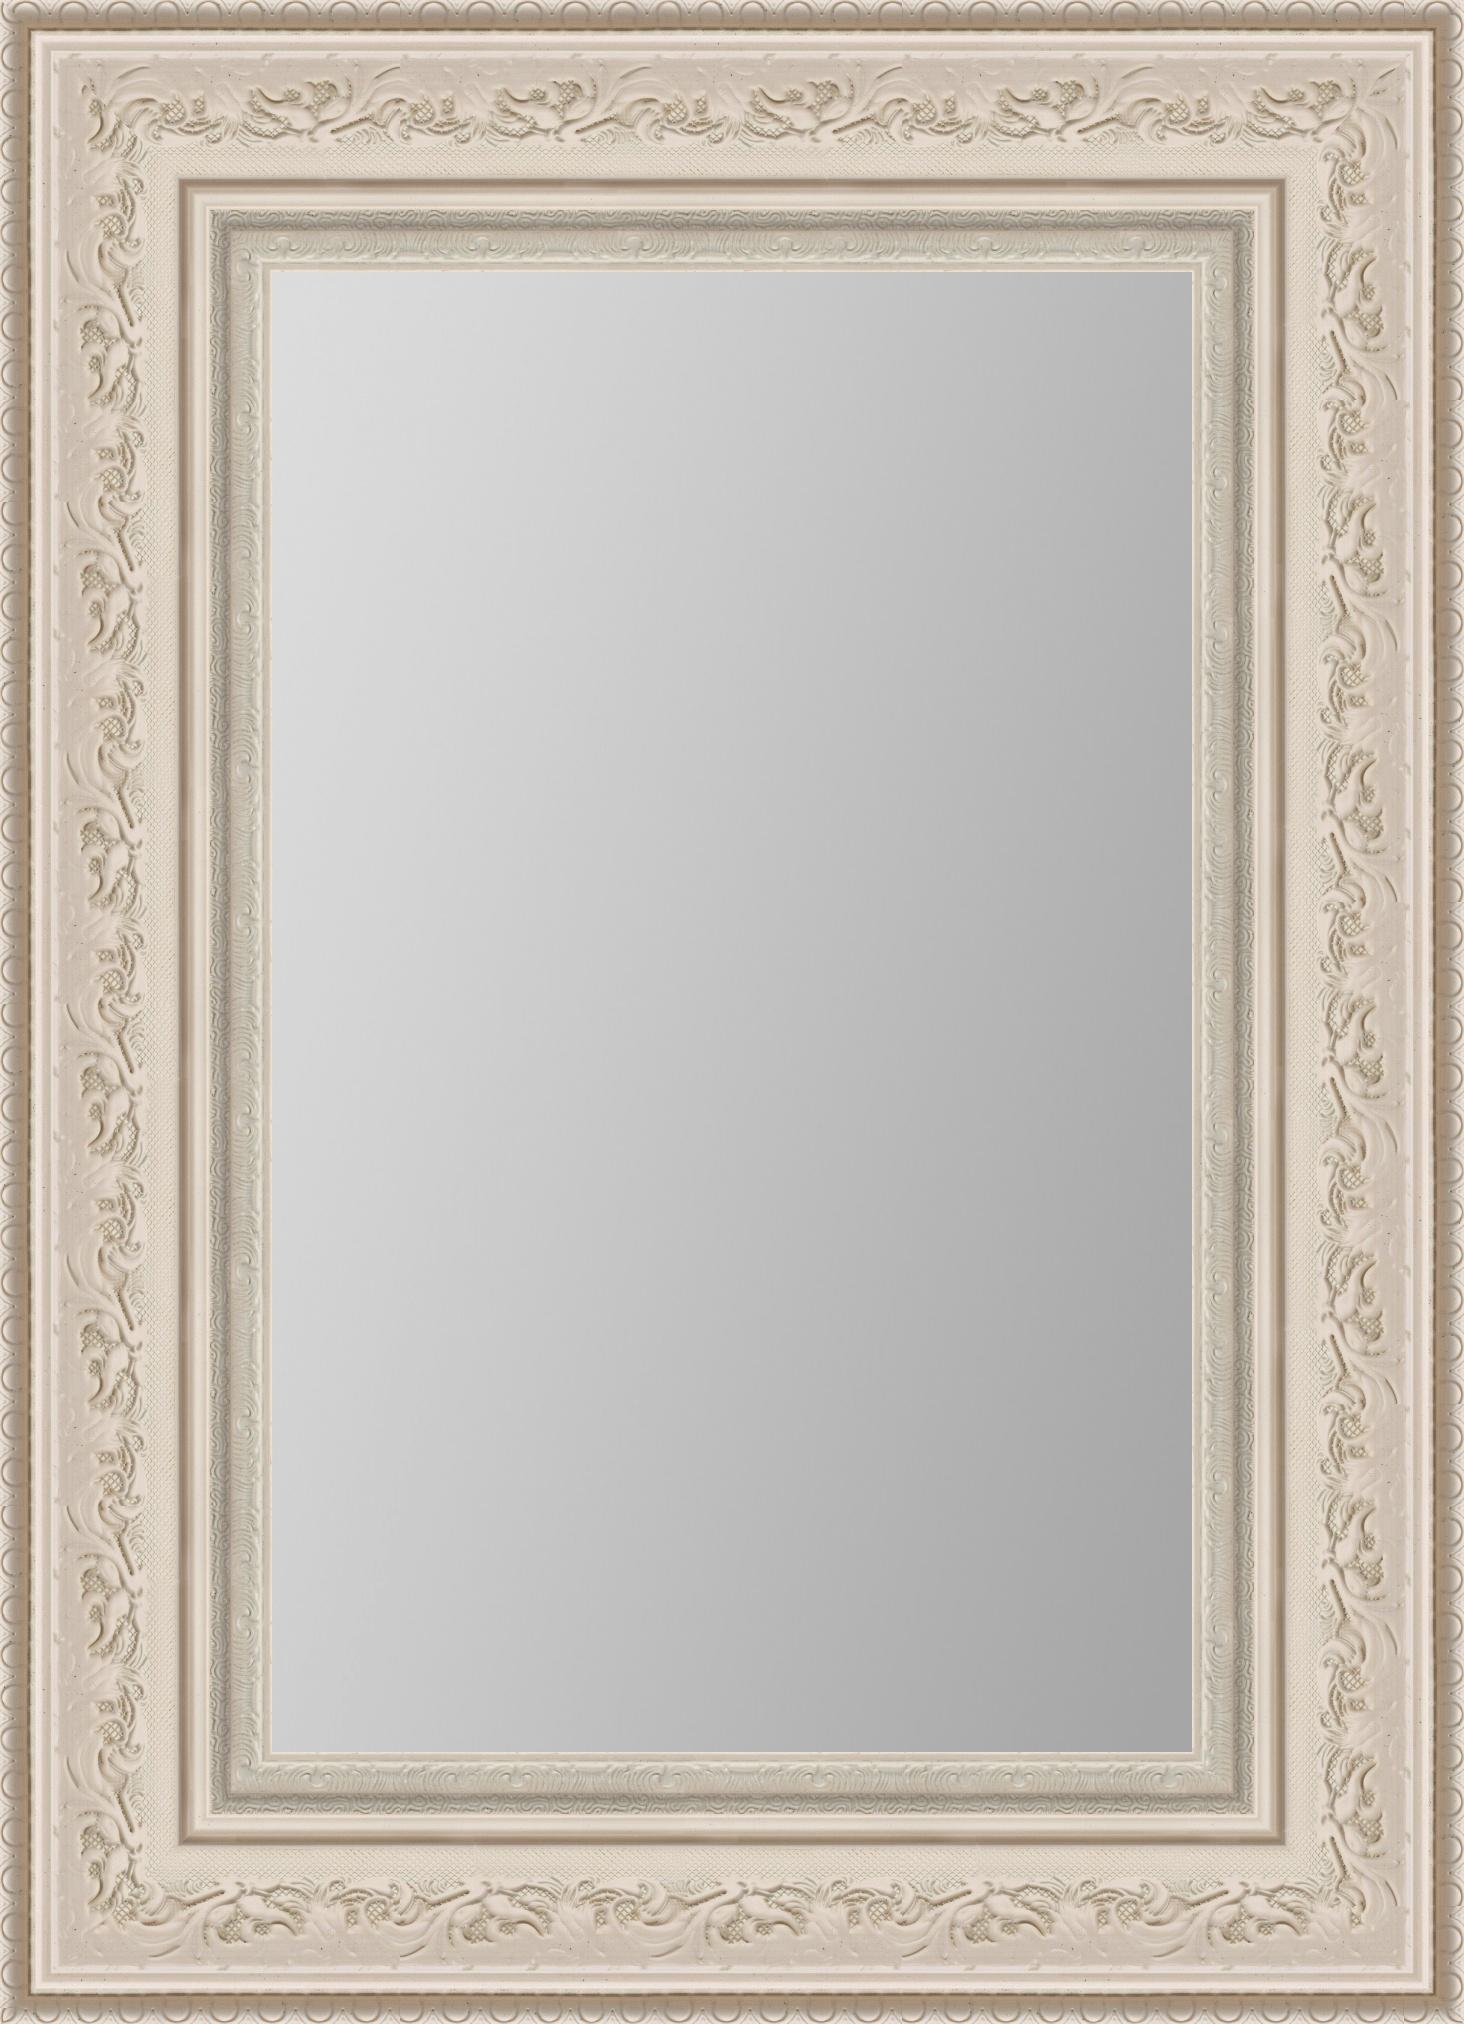 Зеркало в широкой раме 50 x 70 см, модель P094006 постер в раме венеция 40 x 50 см